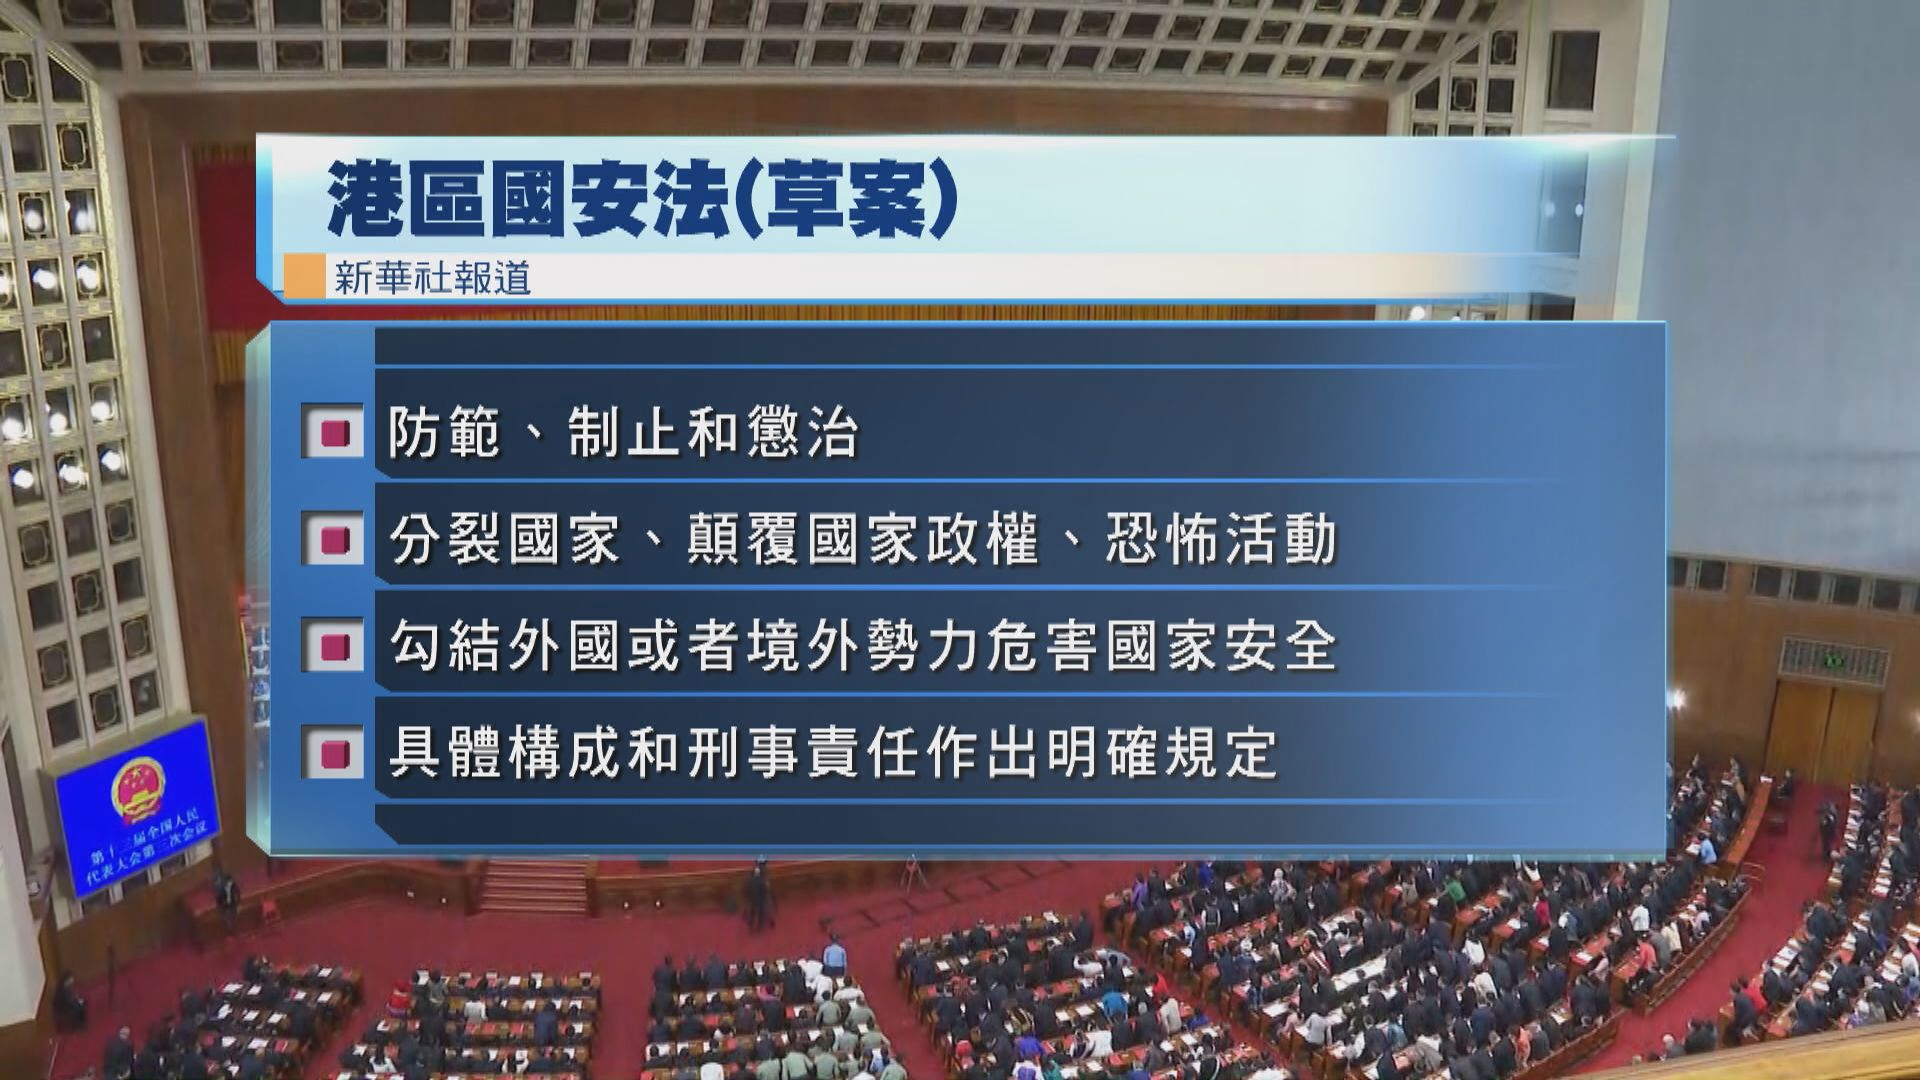 【港區國安法】草案規定分裂國家等四類行為的構成及刑責